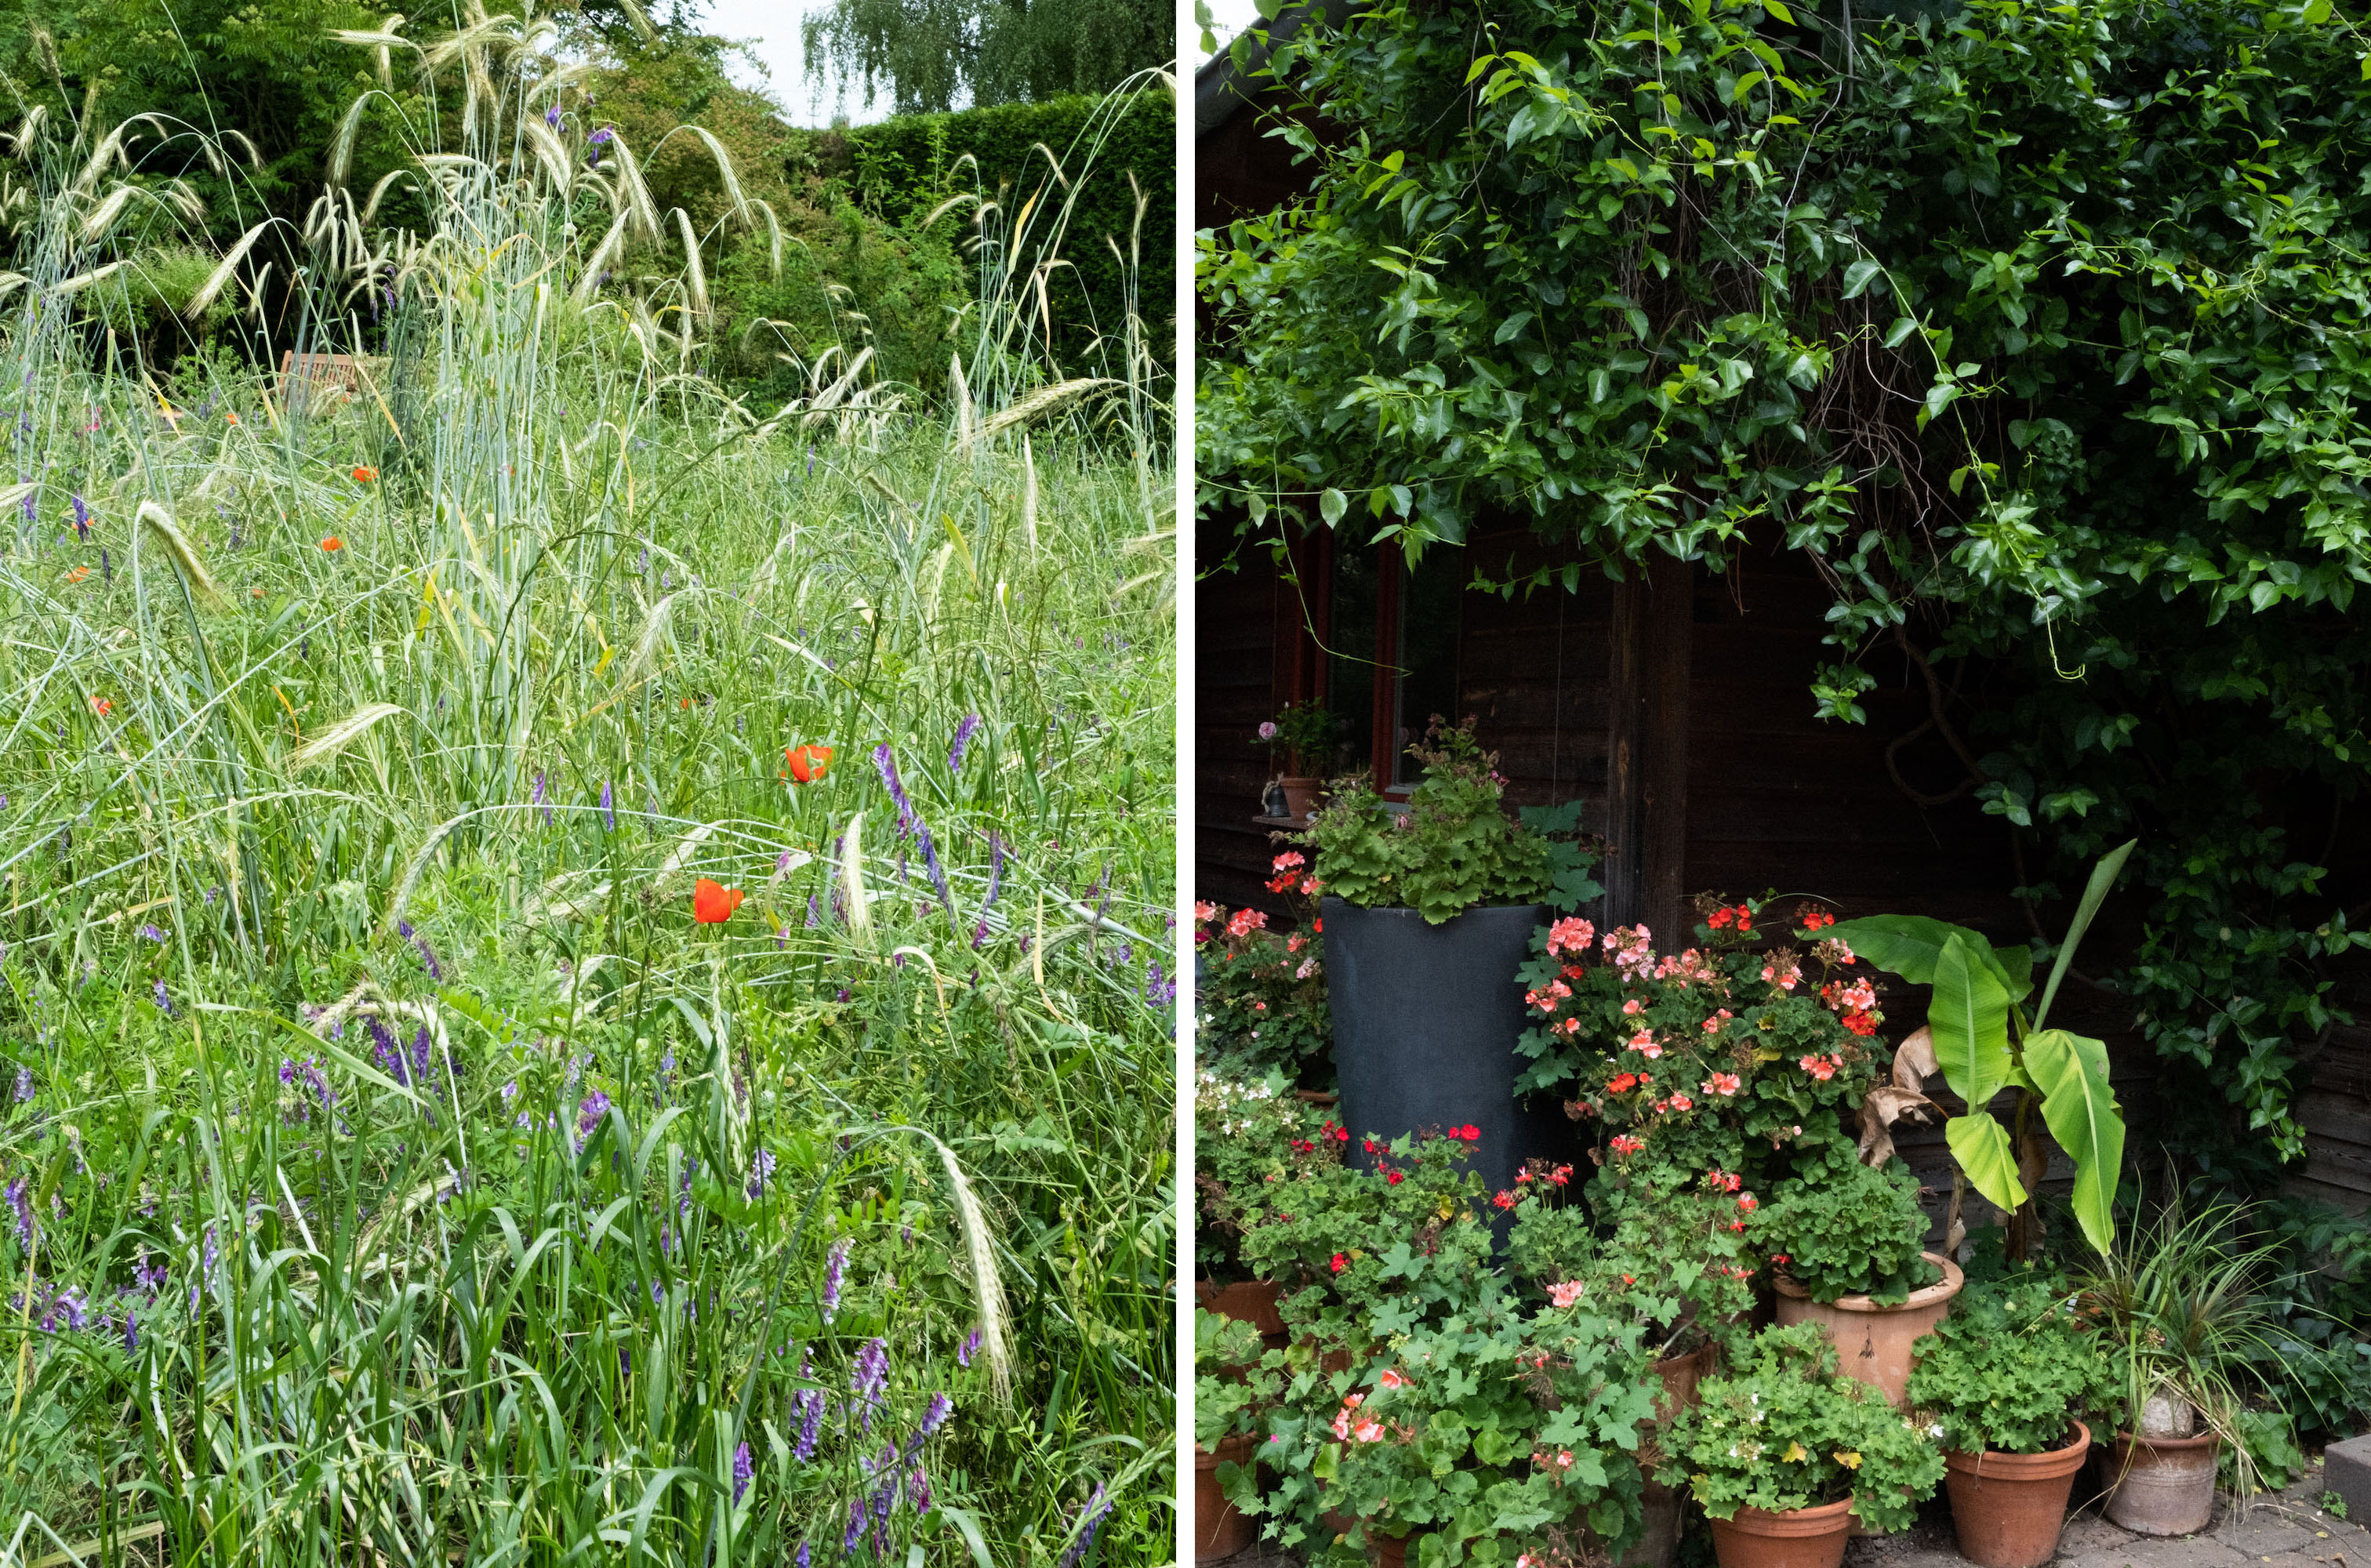 Beautyblog Dr. Hauschka Heilpflanzen 2